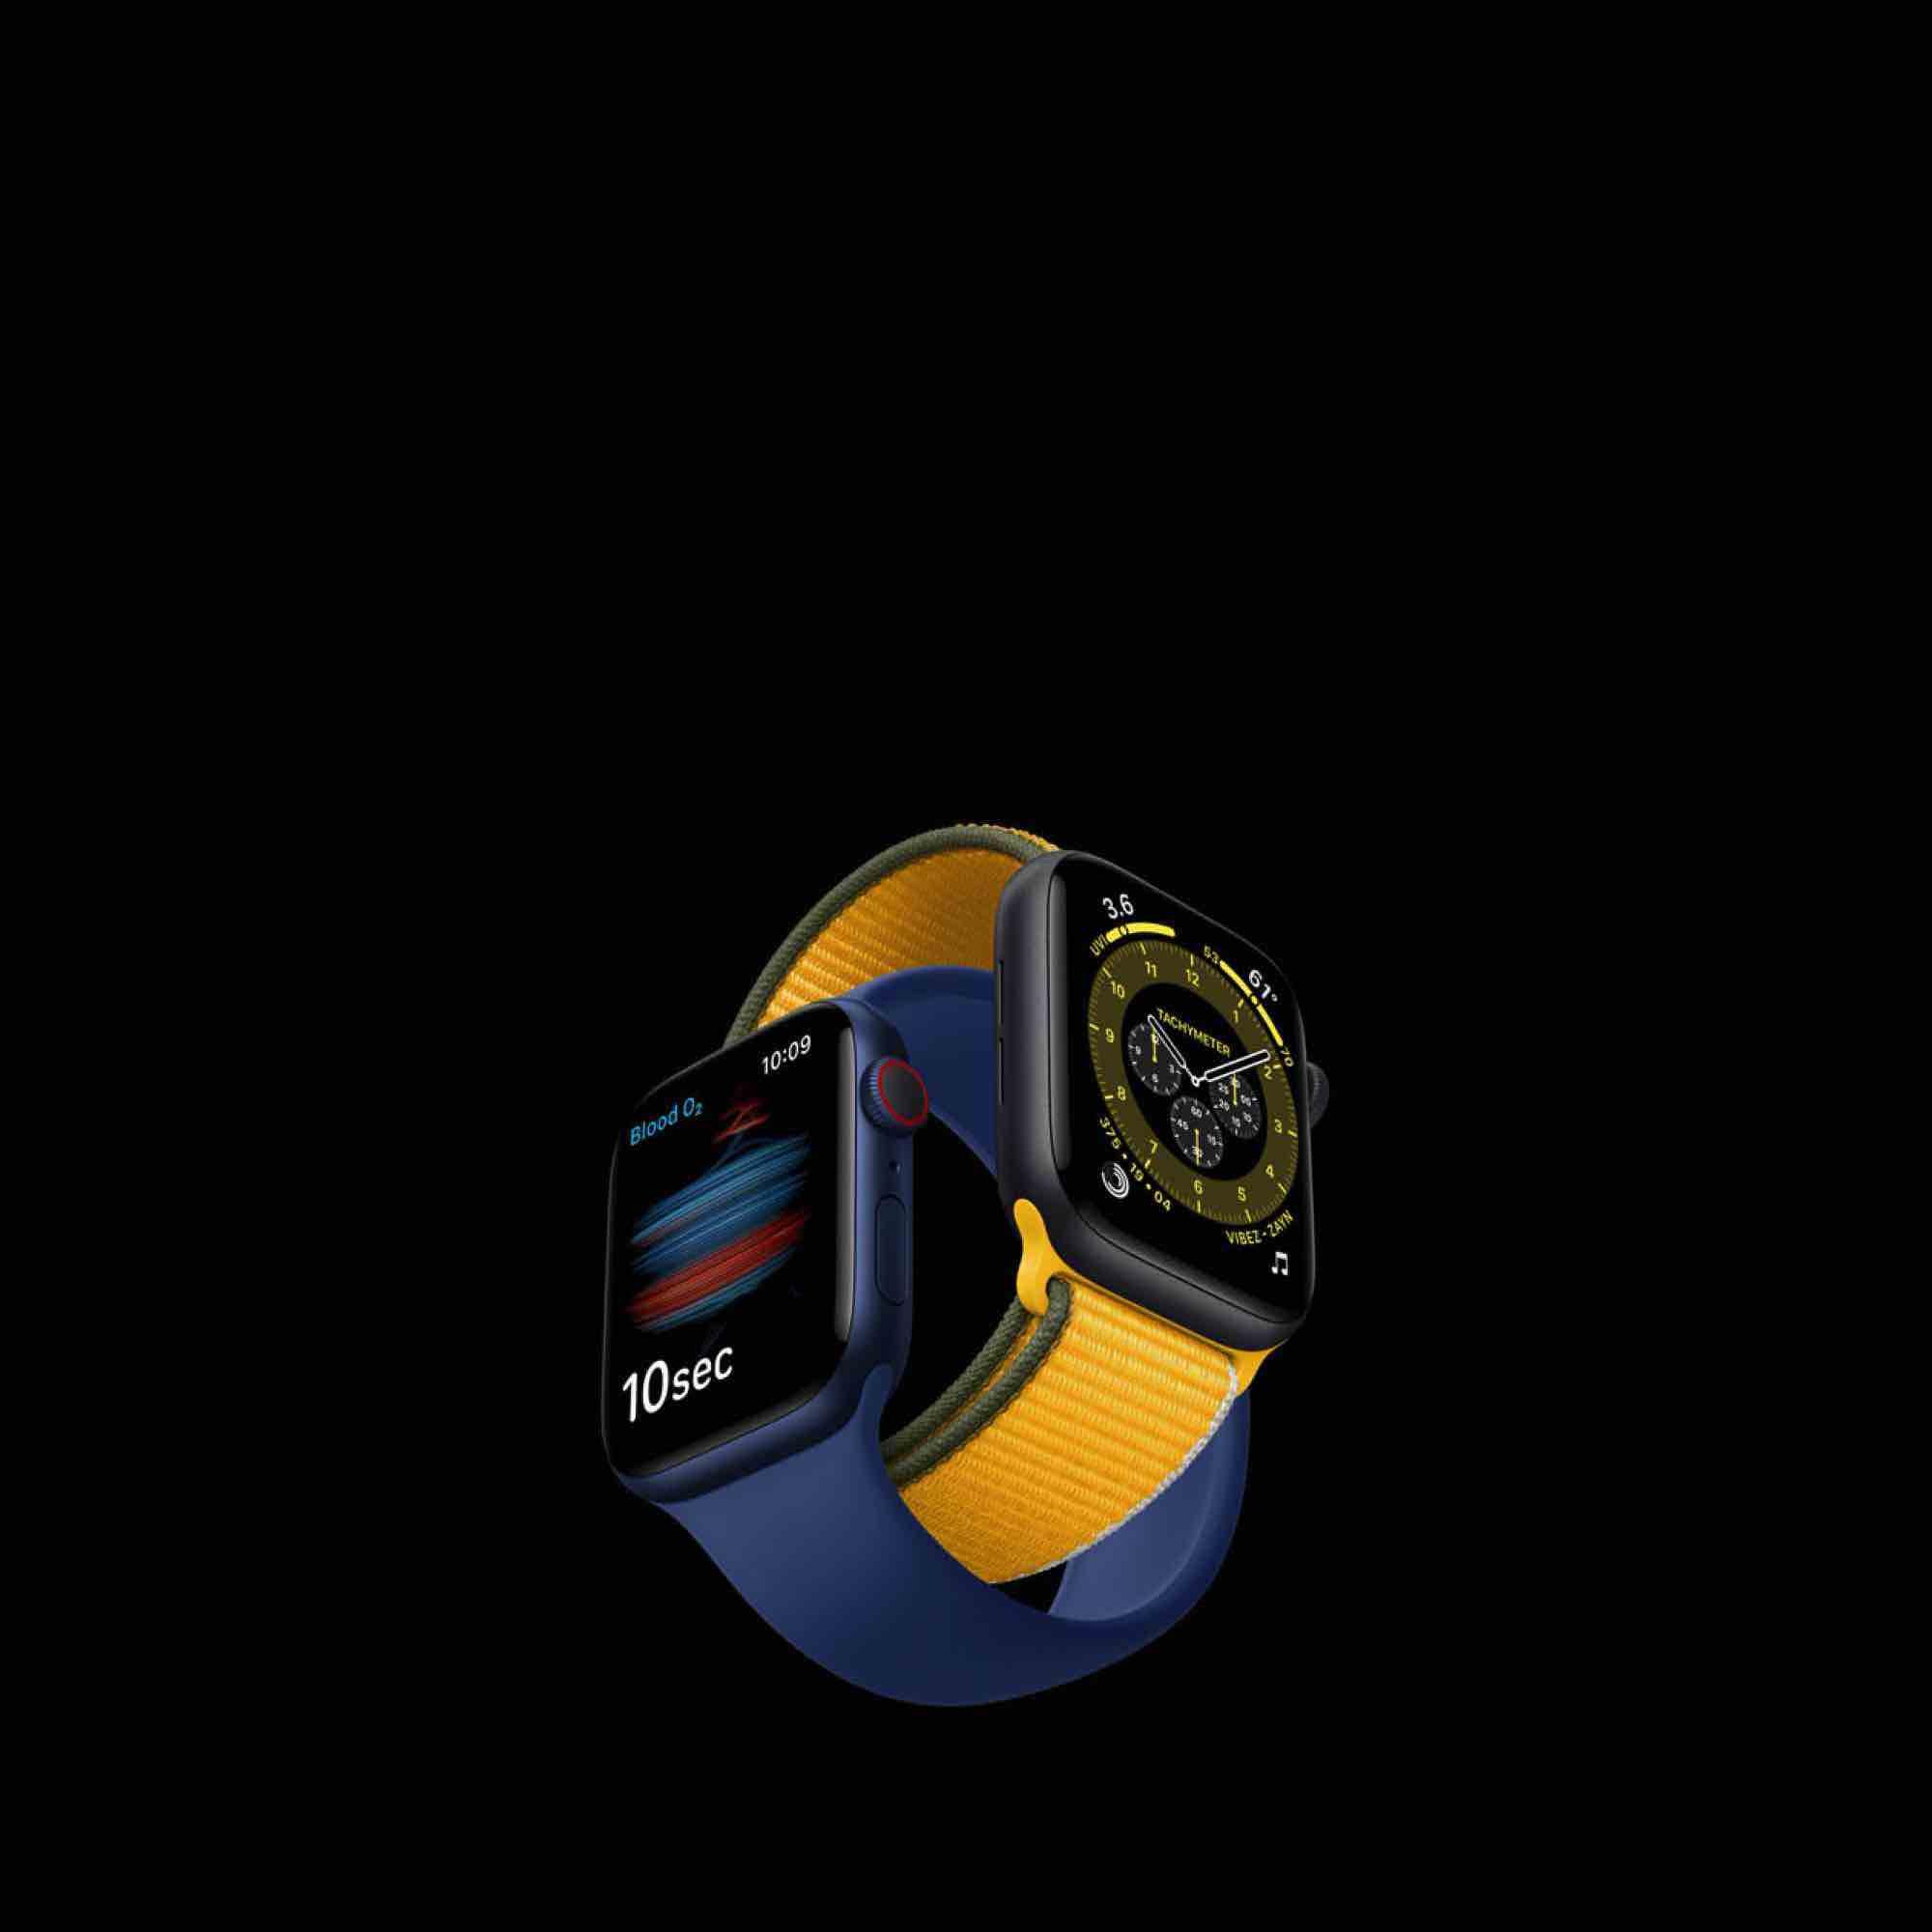 Apple Watch Series 6 Ninove